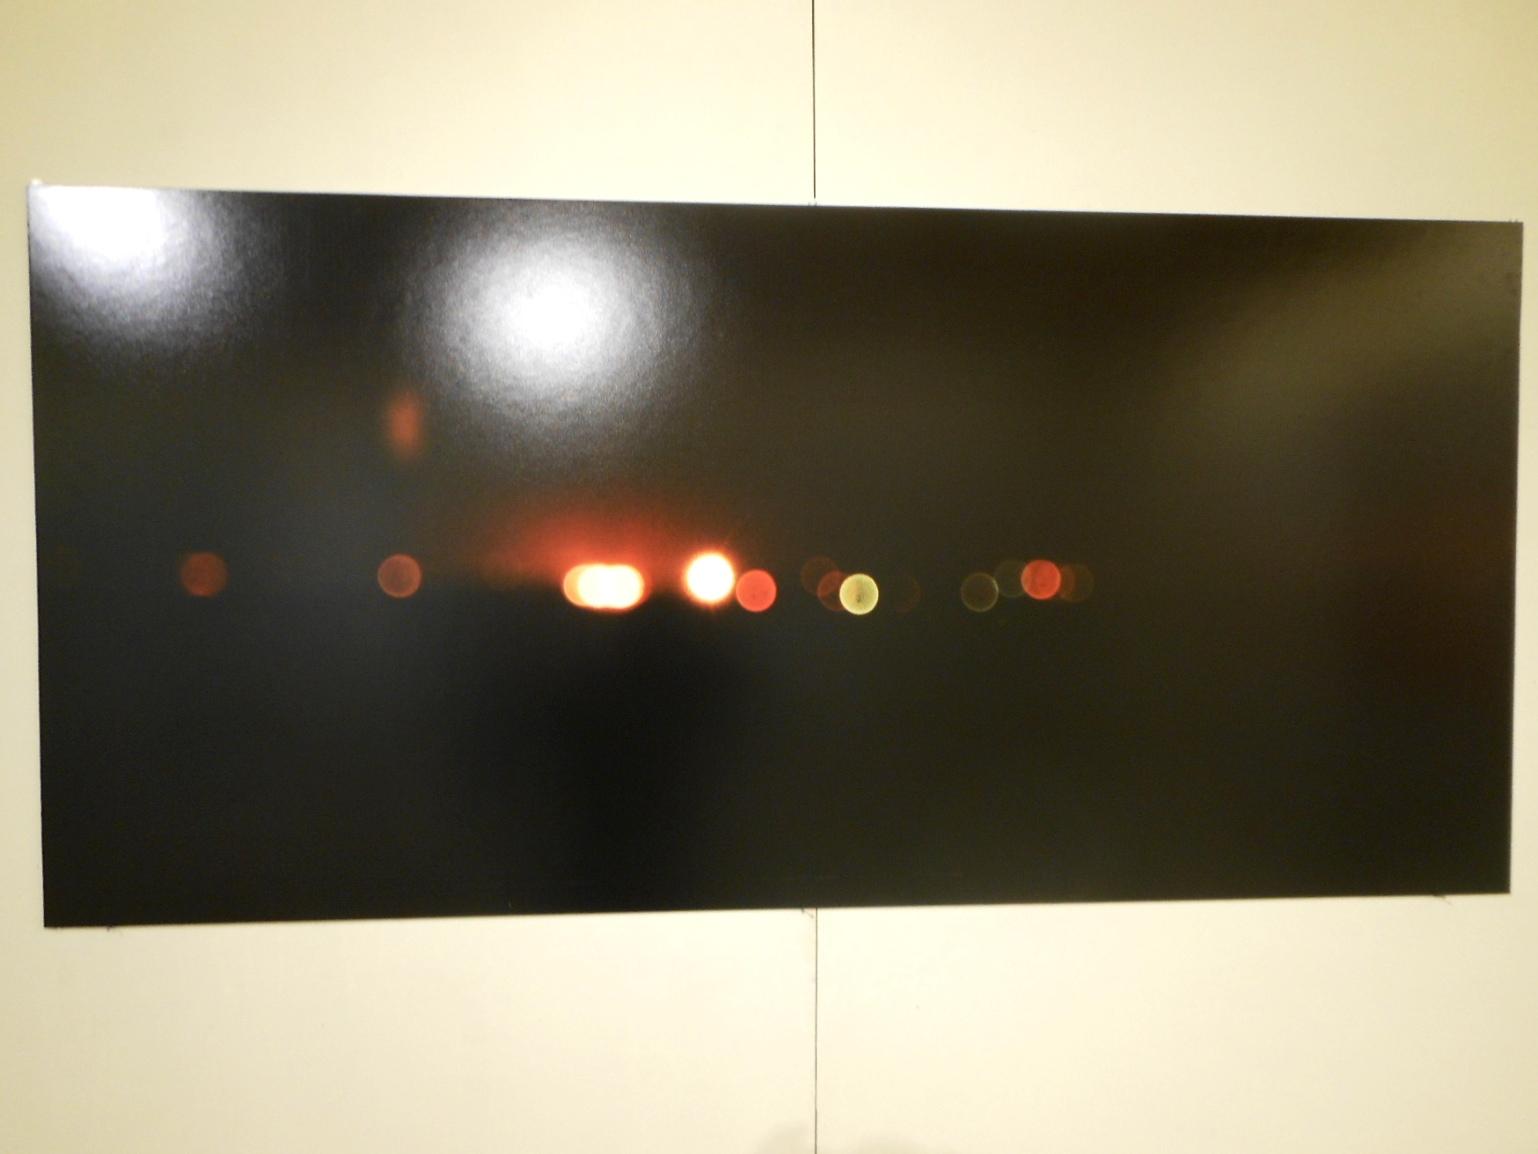 1702)「札幌市立大学 写真・映像部「SEED」 -拡張する視覚-(4人展)」アイボリー 4月11日(木)~4月15日(日)_f0126829_2262748.jpg